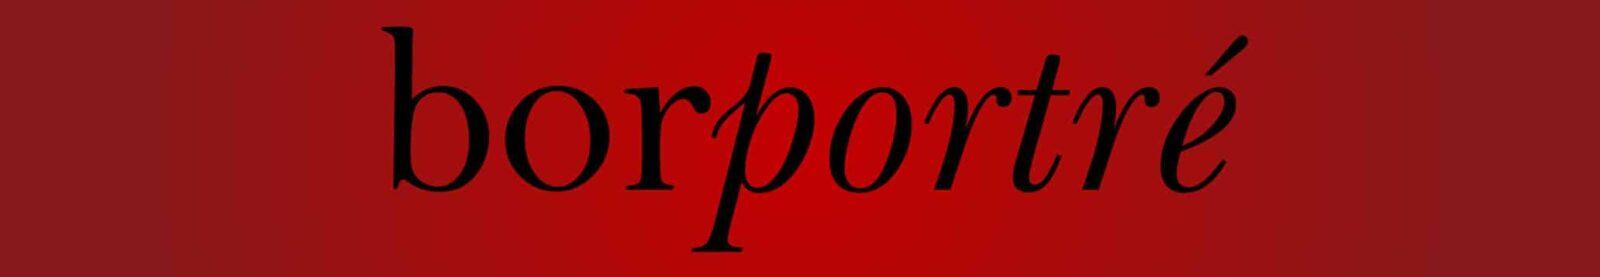 Velünk boroztak, BorPortré | Blog, Velünk borozott, Üzenj Nekünk!, Mi készítjük, Mellénk állt, Galéria, Ezt szeretnénk, Aki beszélget, Együttműködnél velünk? Kocsis-M. Brigitta